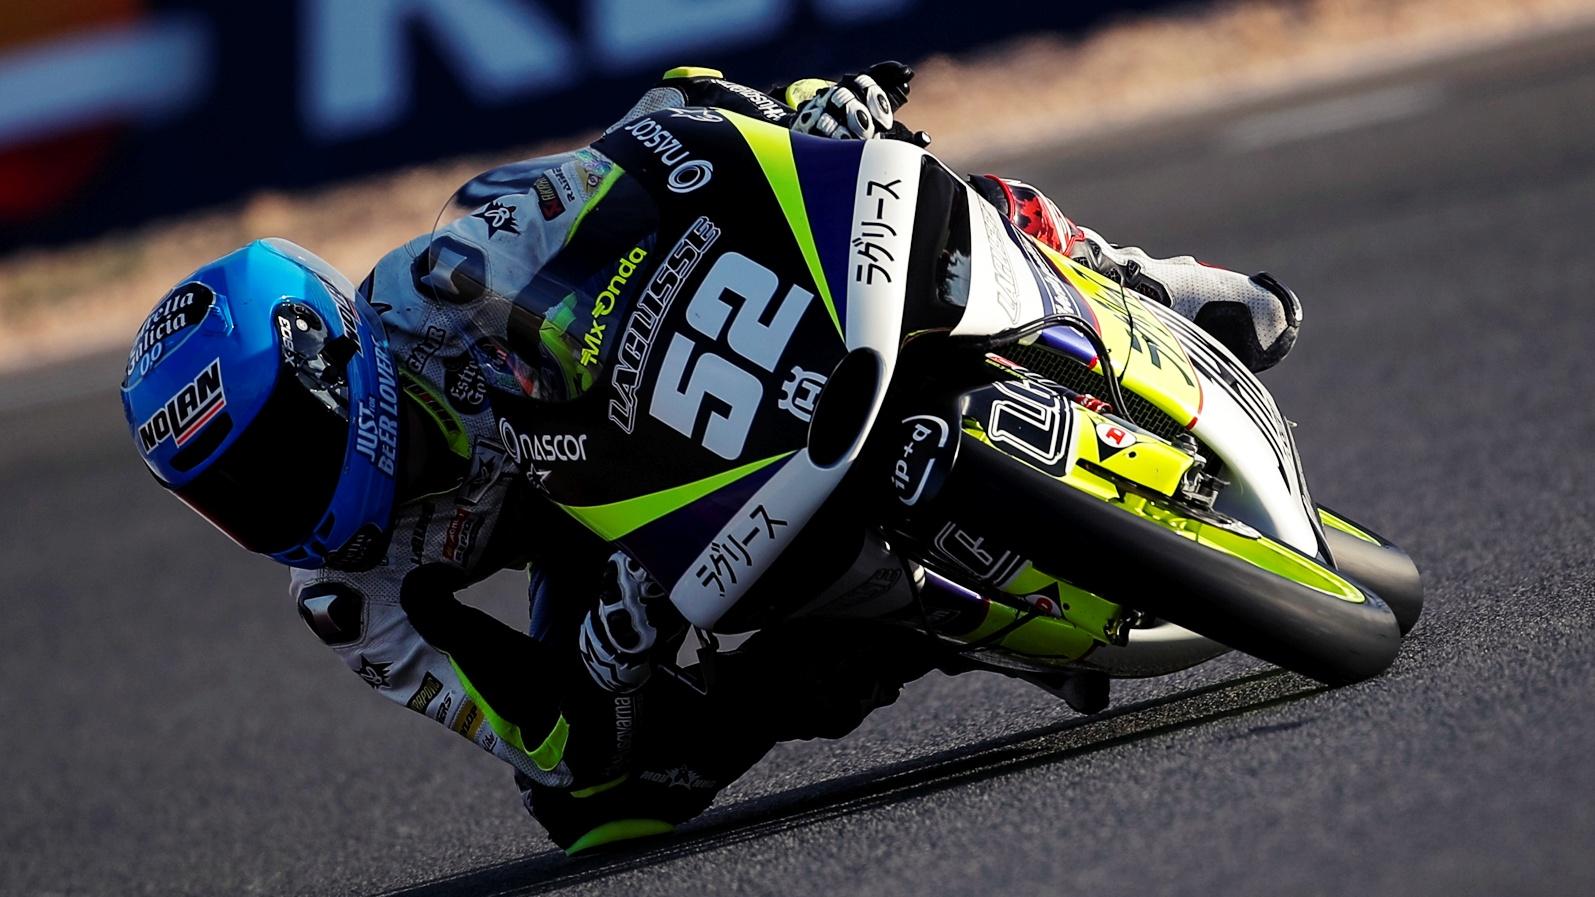 Jeremy Alcoba se impone en Albacete y ya roza el título mundial junior de Moto3